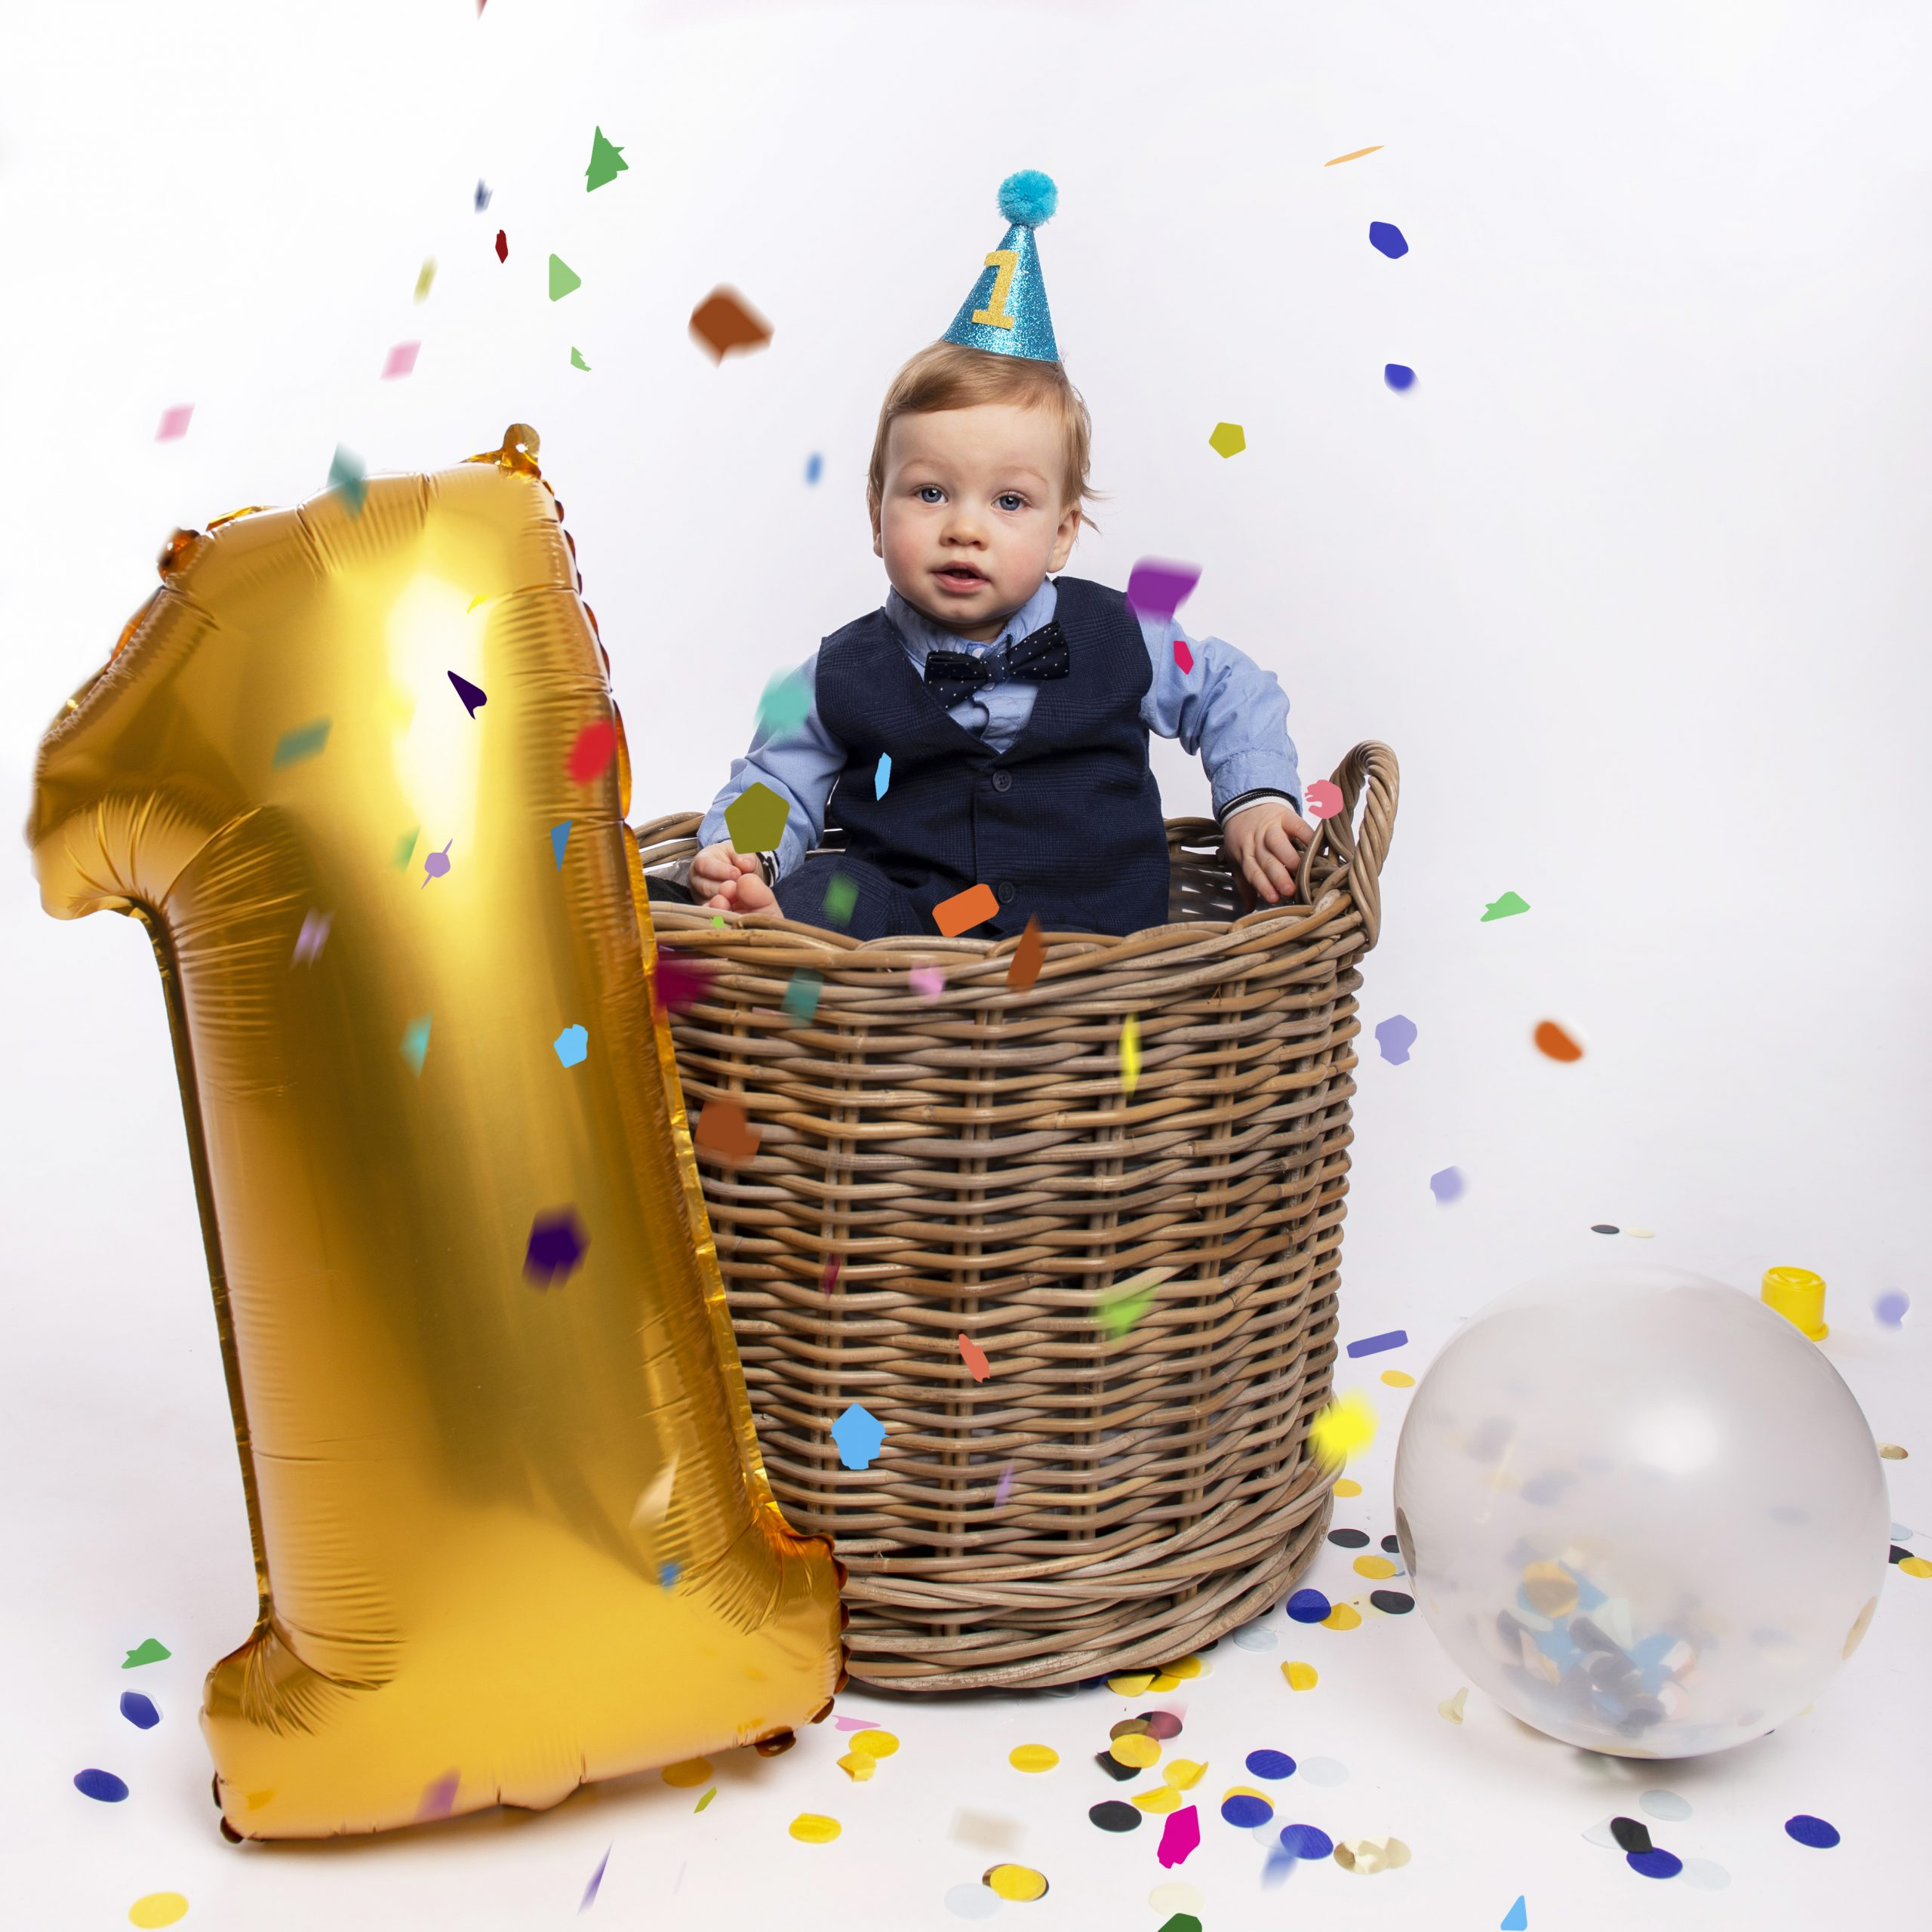 Baby- kinderfotografie 1 jaar